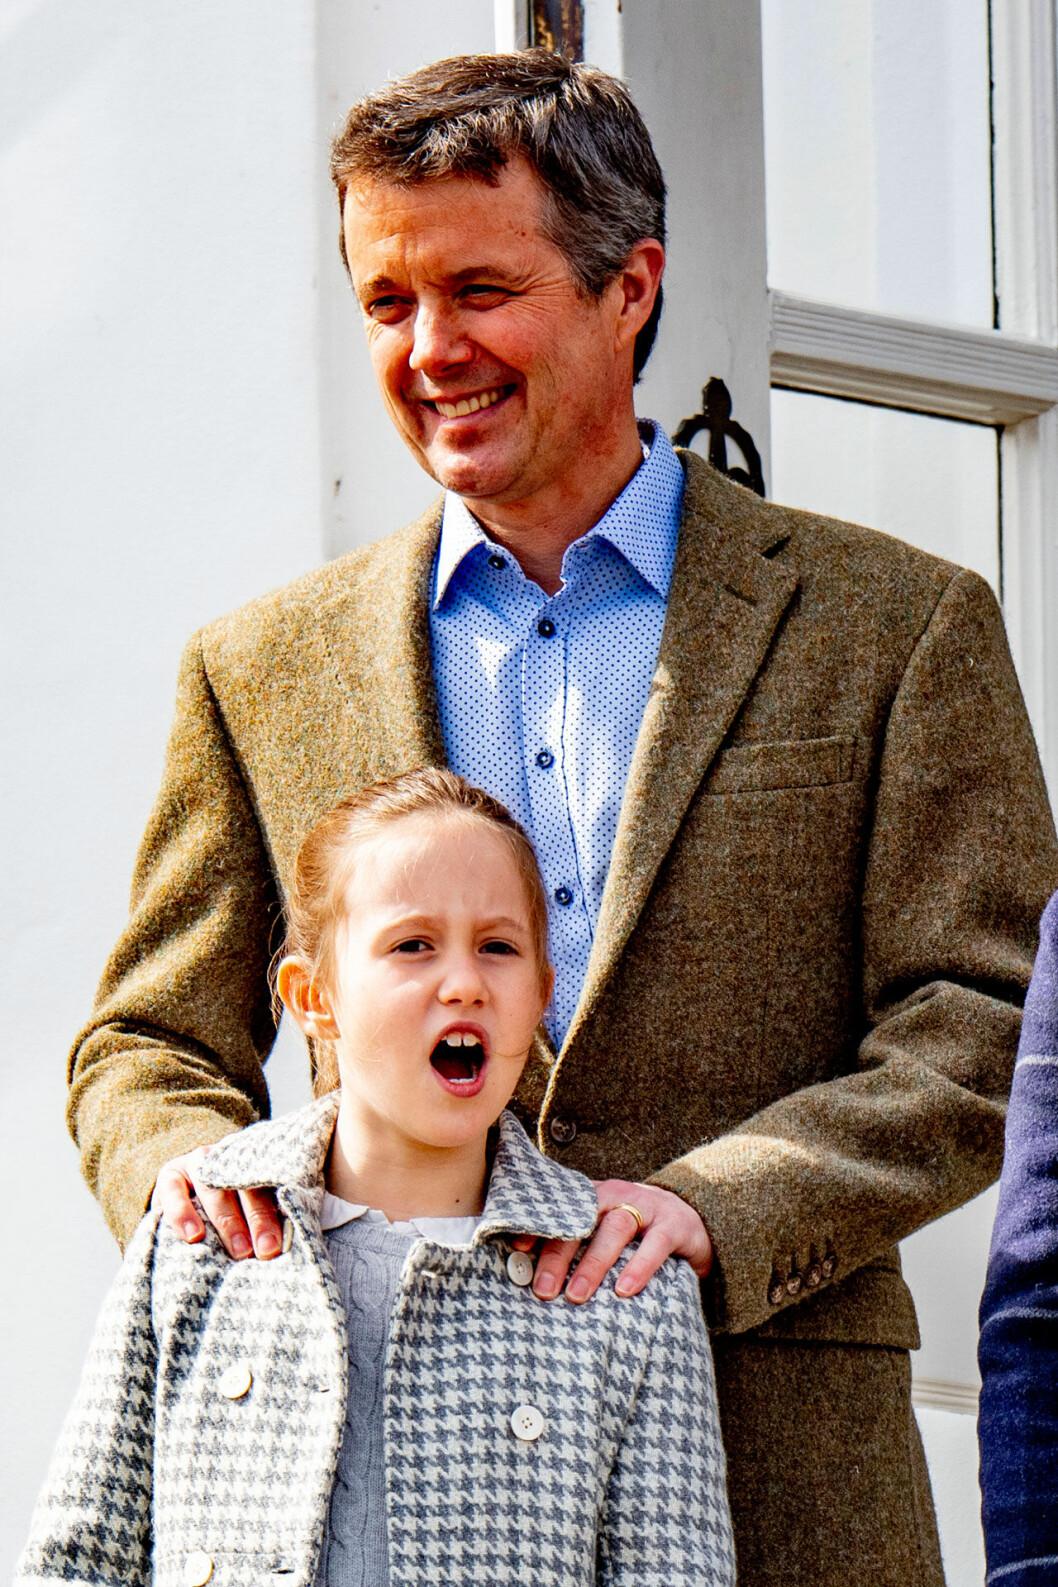 Kronprins Frederik med prinsessan Josephine.